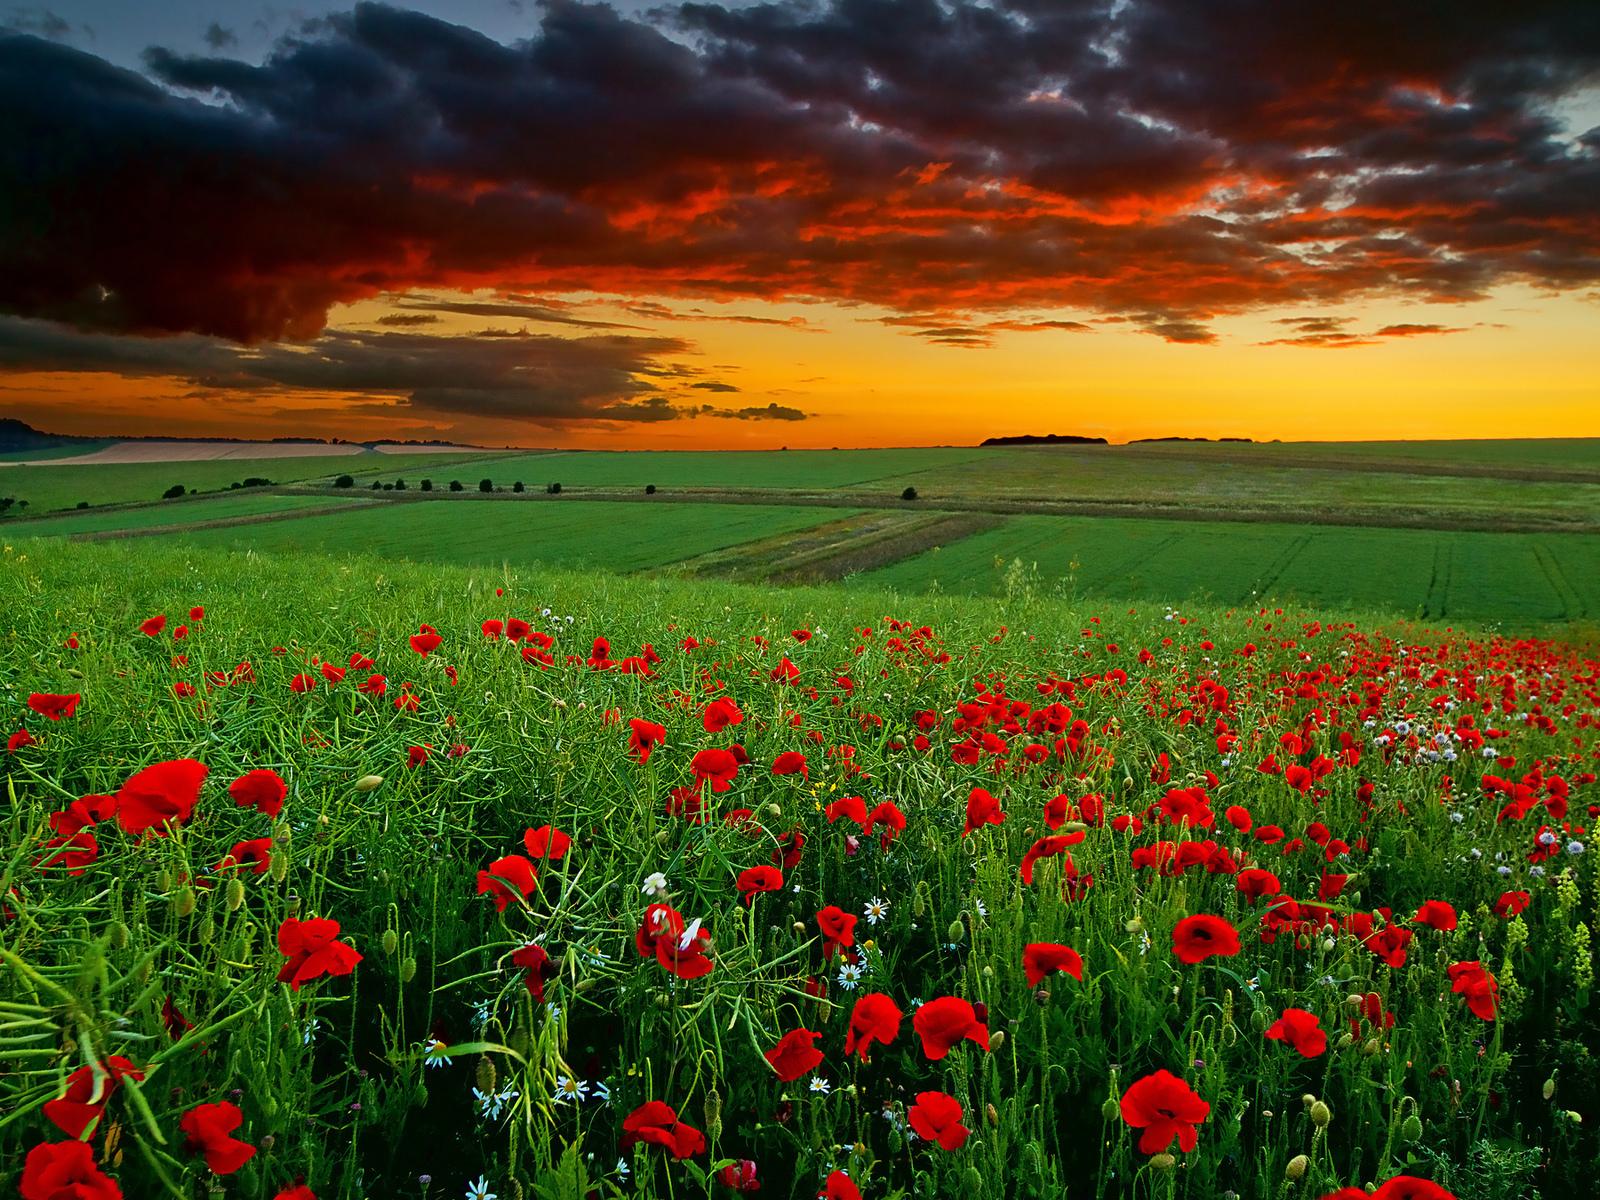 15004 скачать обои Пейзаж, Цветы, Растения, Небо, Маки, Поля - заставки и картинки бесплатно